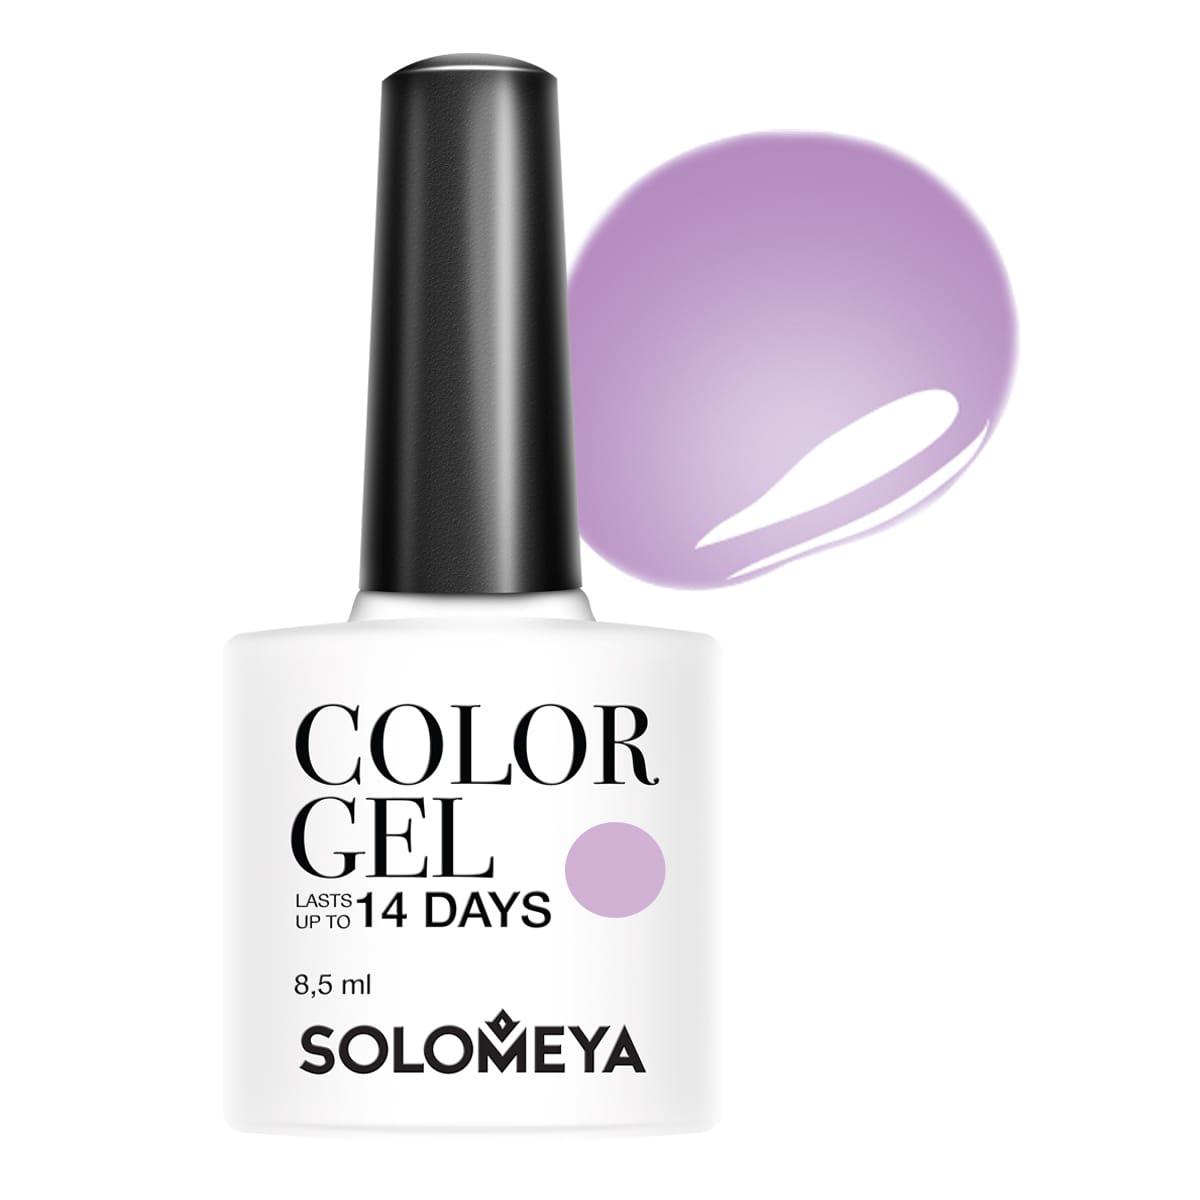 SOLOMEYA Гель-лак для ногтей SCGT016 Расслабься / Color Gel Relax 8,5 мл